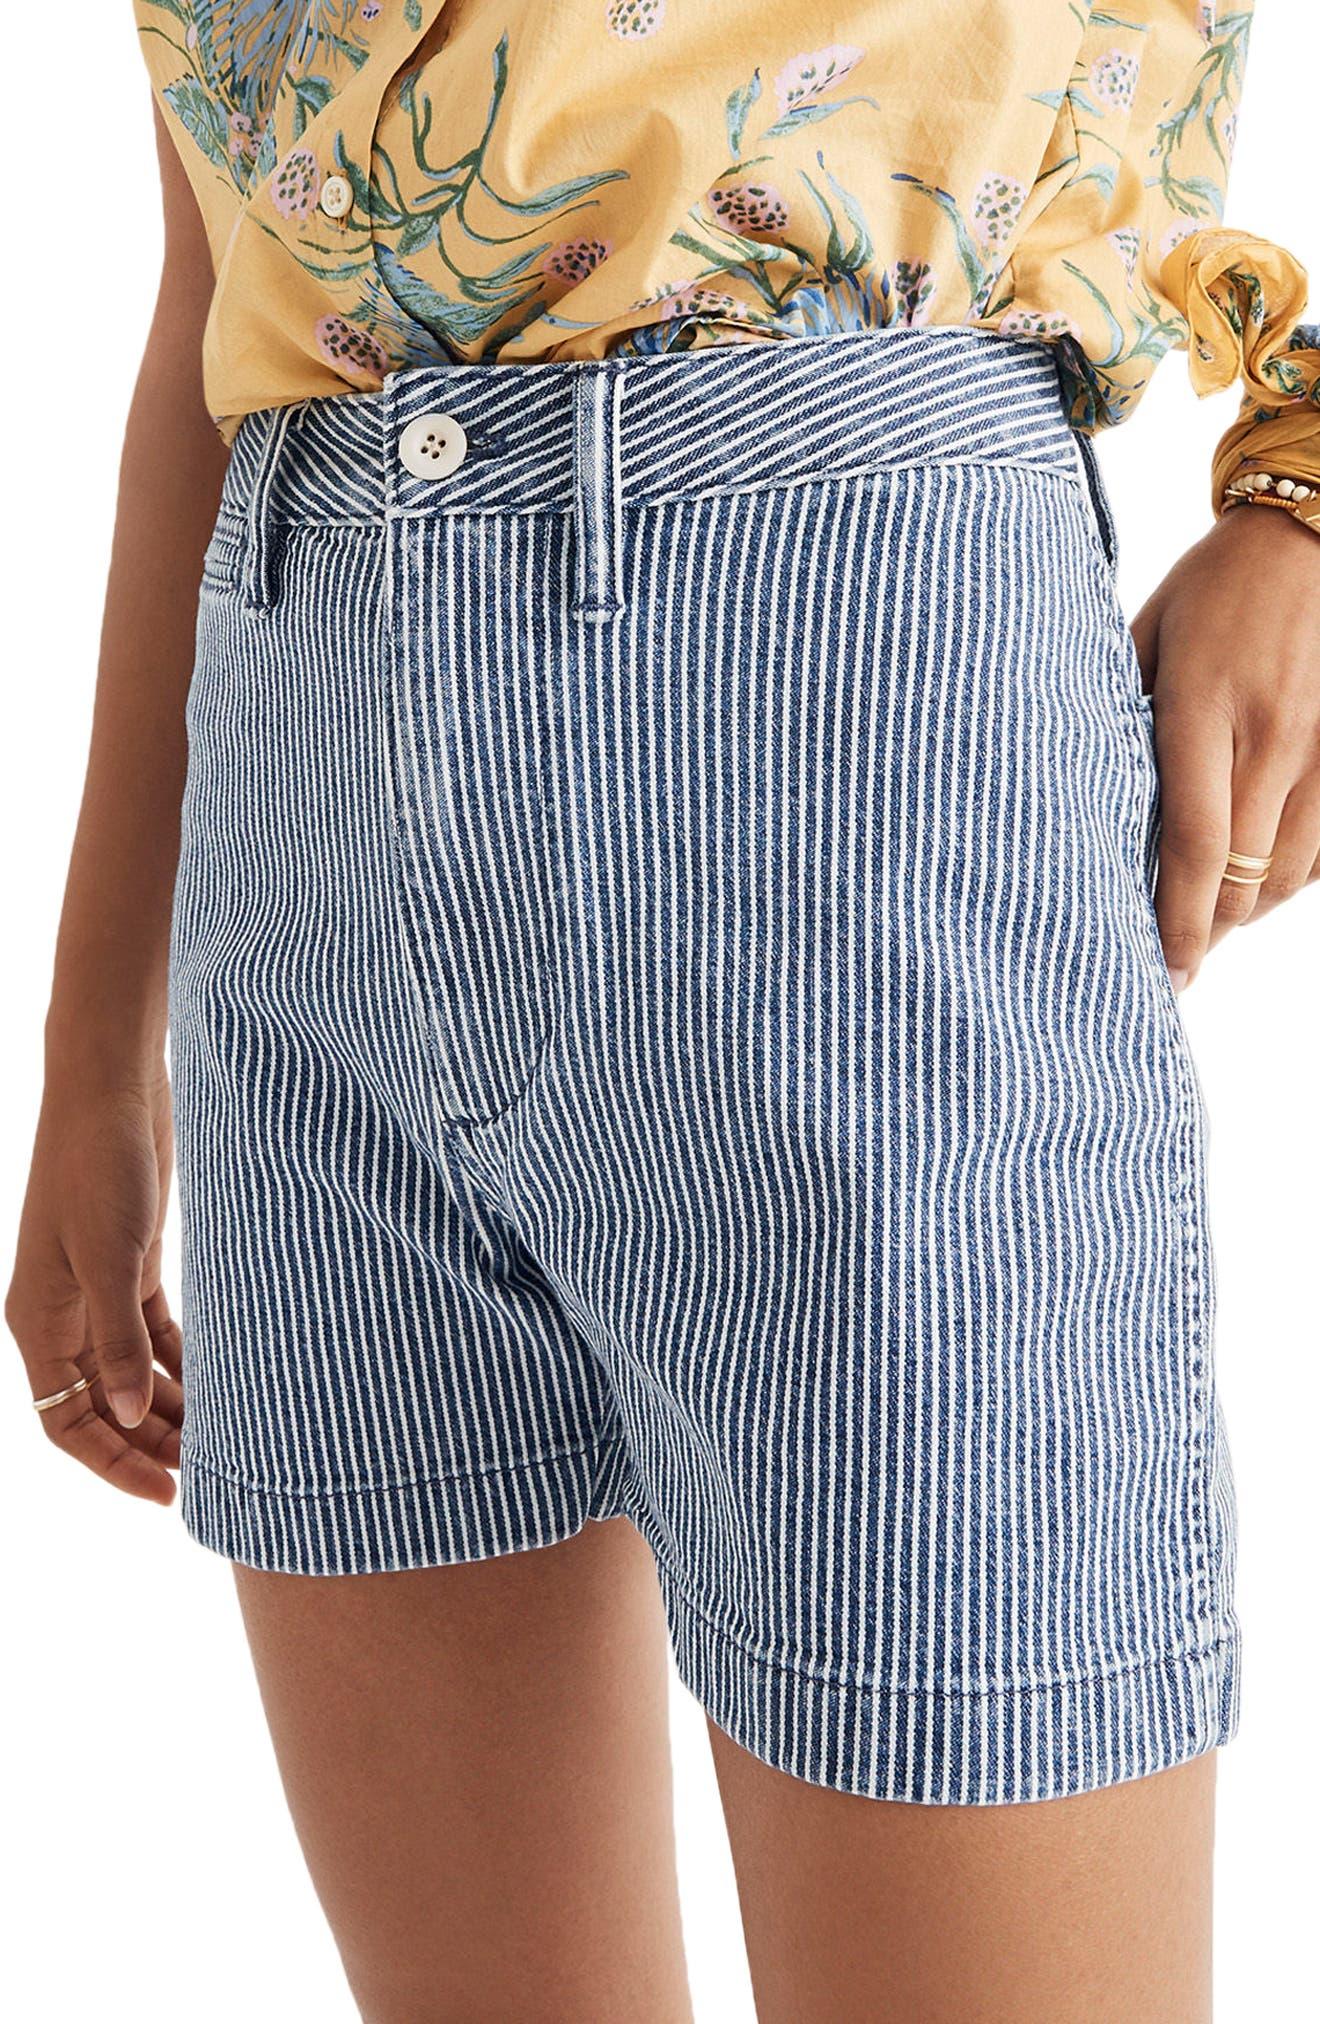 Emmett Stripe Denim Shorts,                             Alternate thumbnail 3, color,                             Piper Stripe